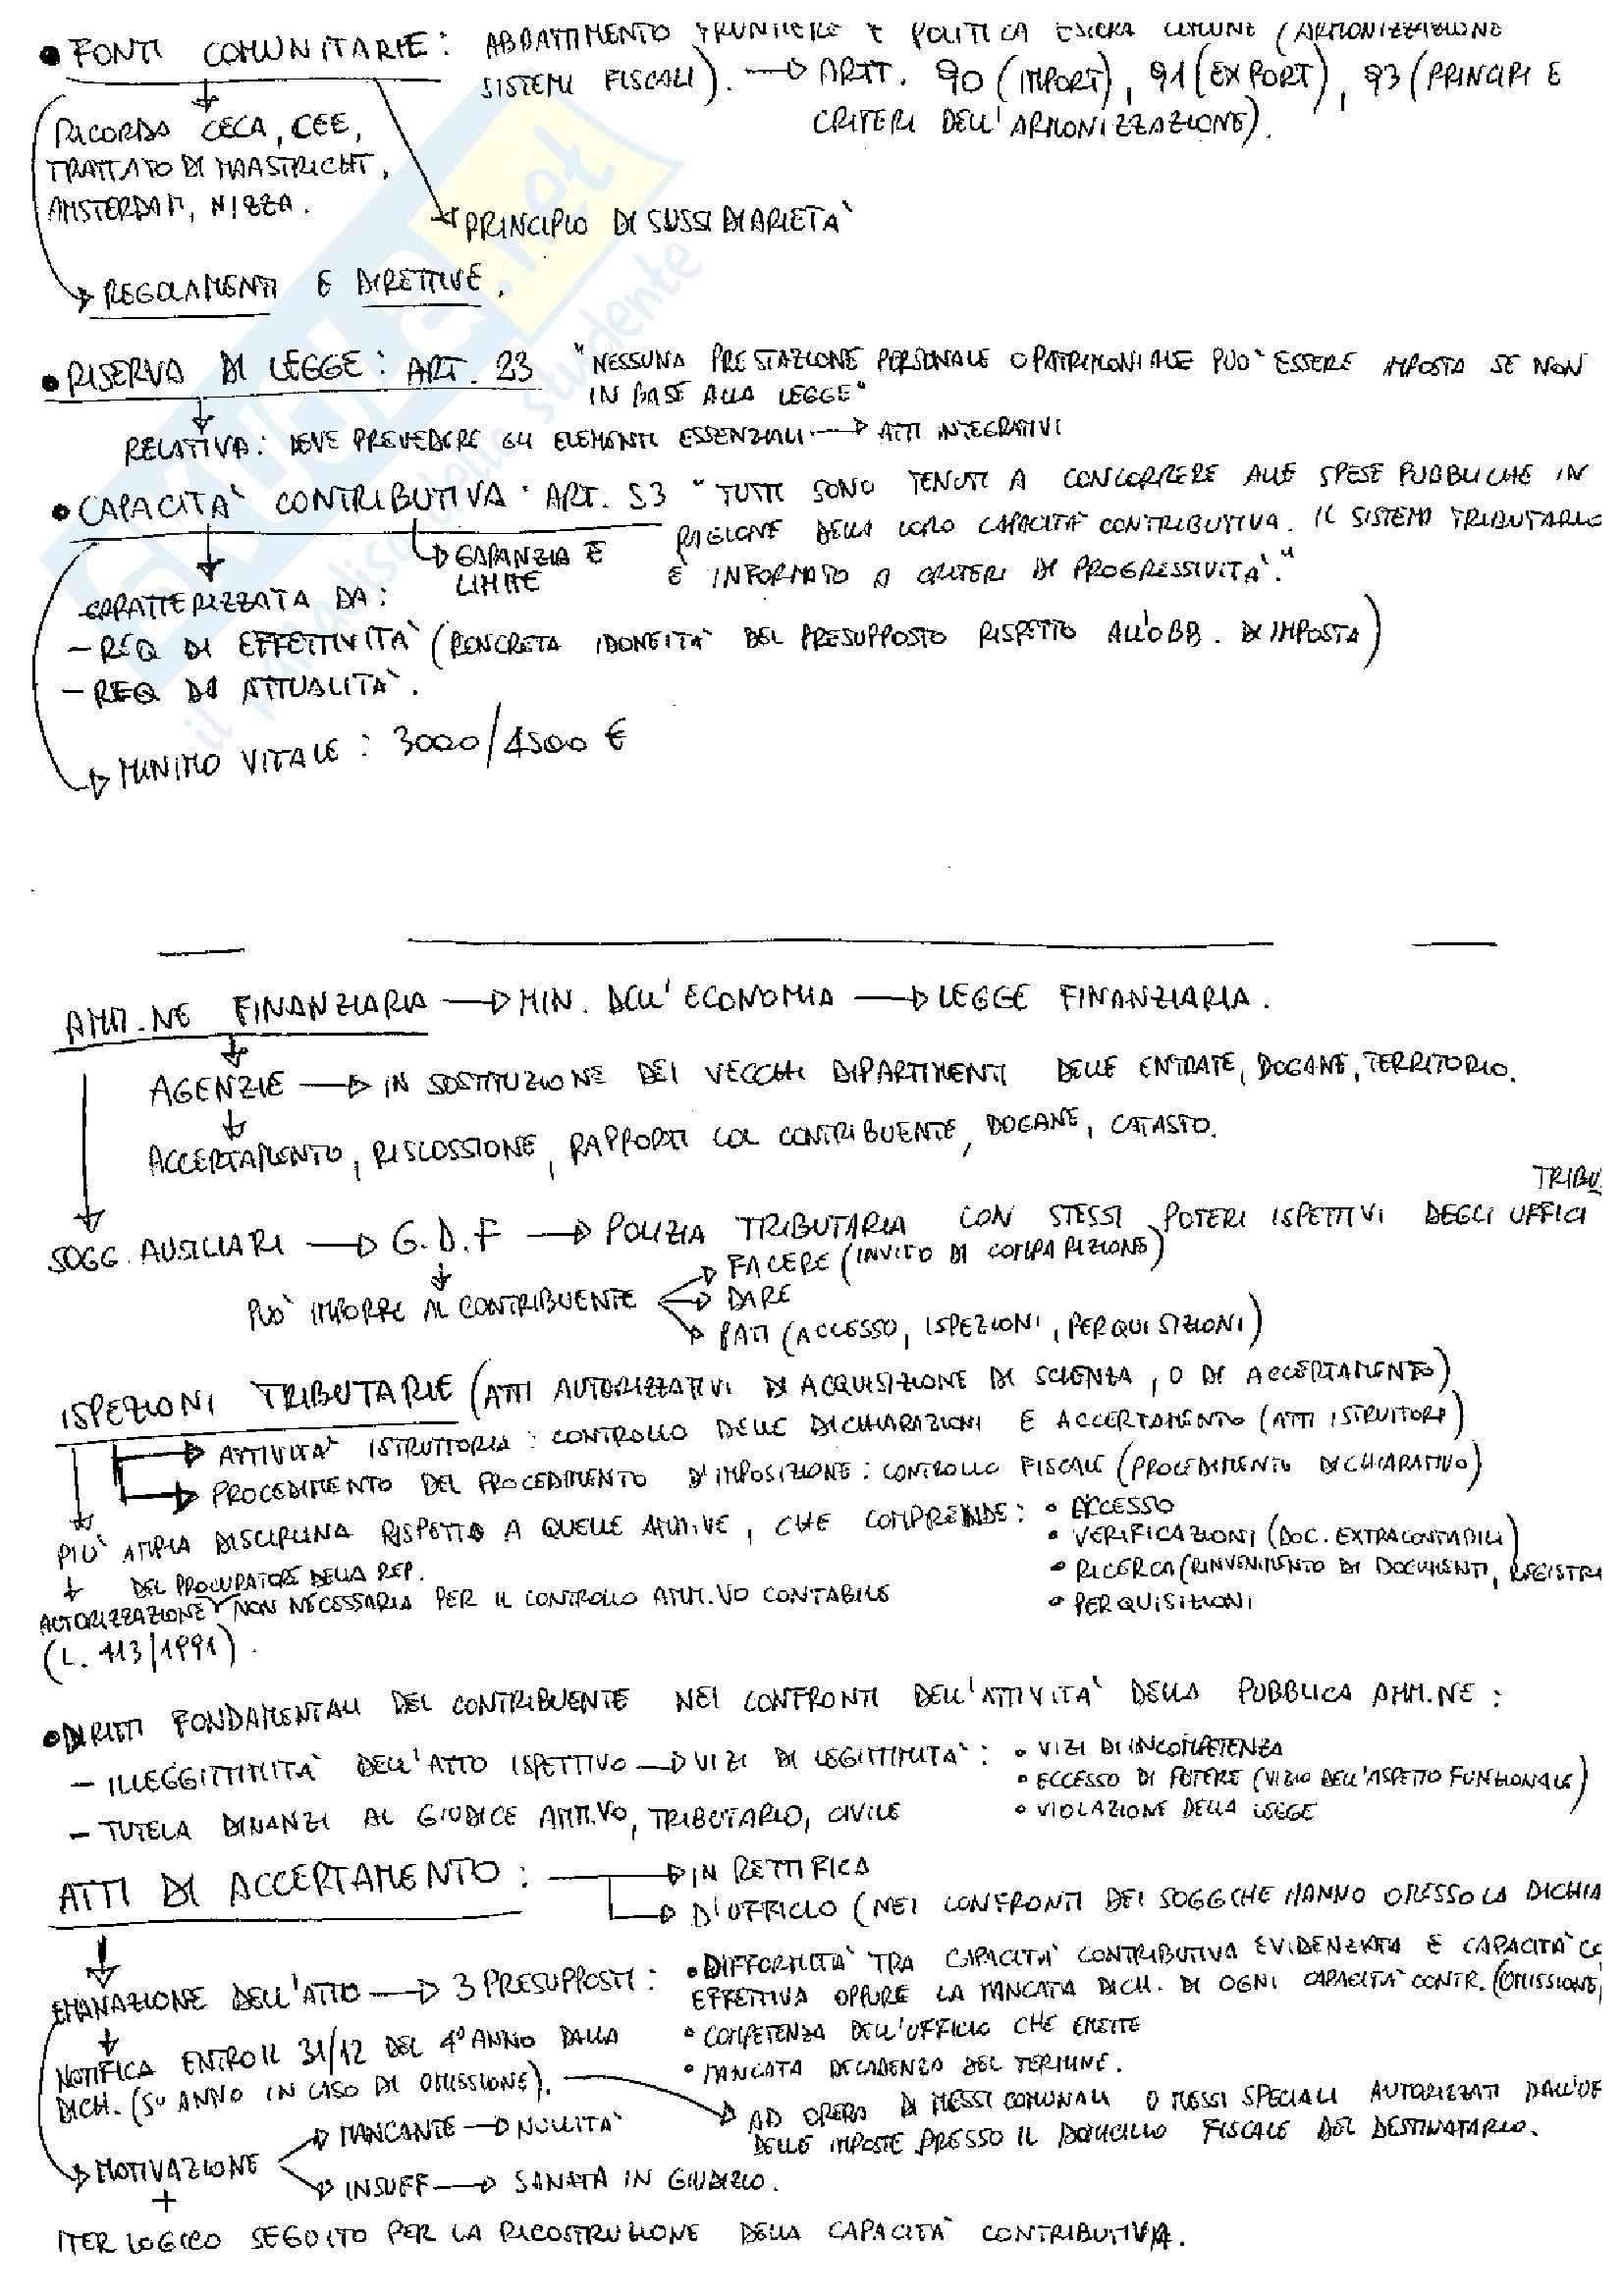 Diritto tributario - Schemi Pag. 2